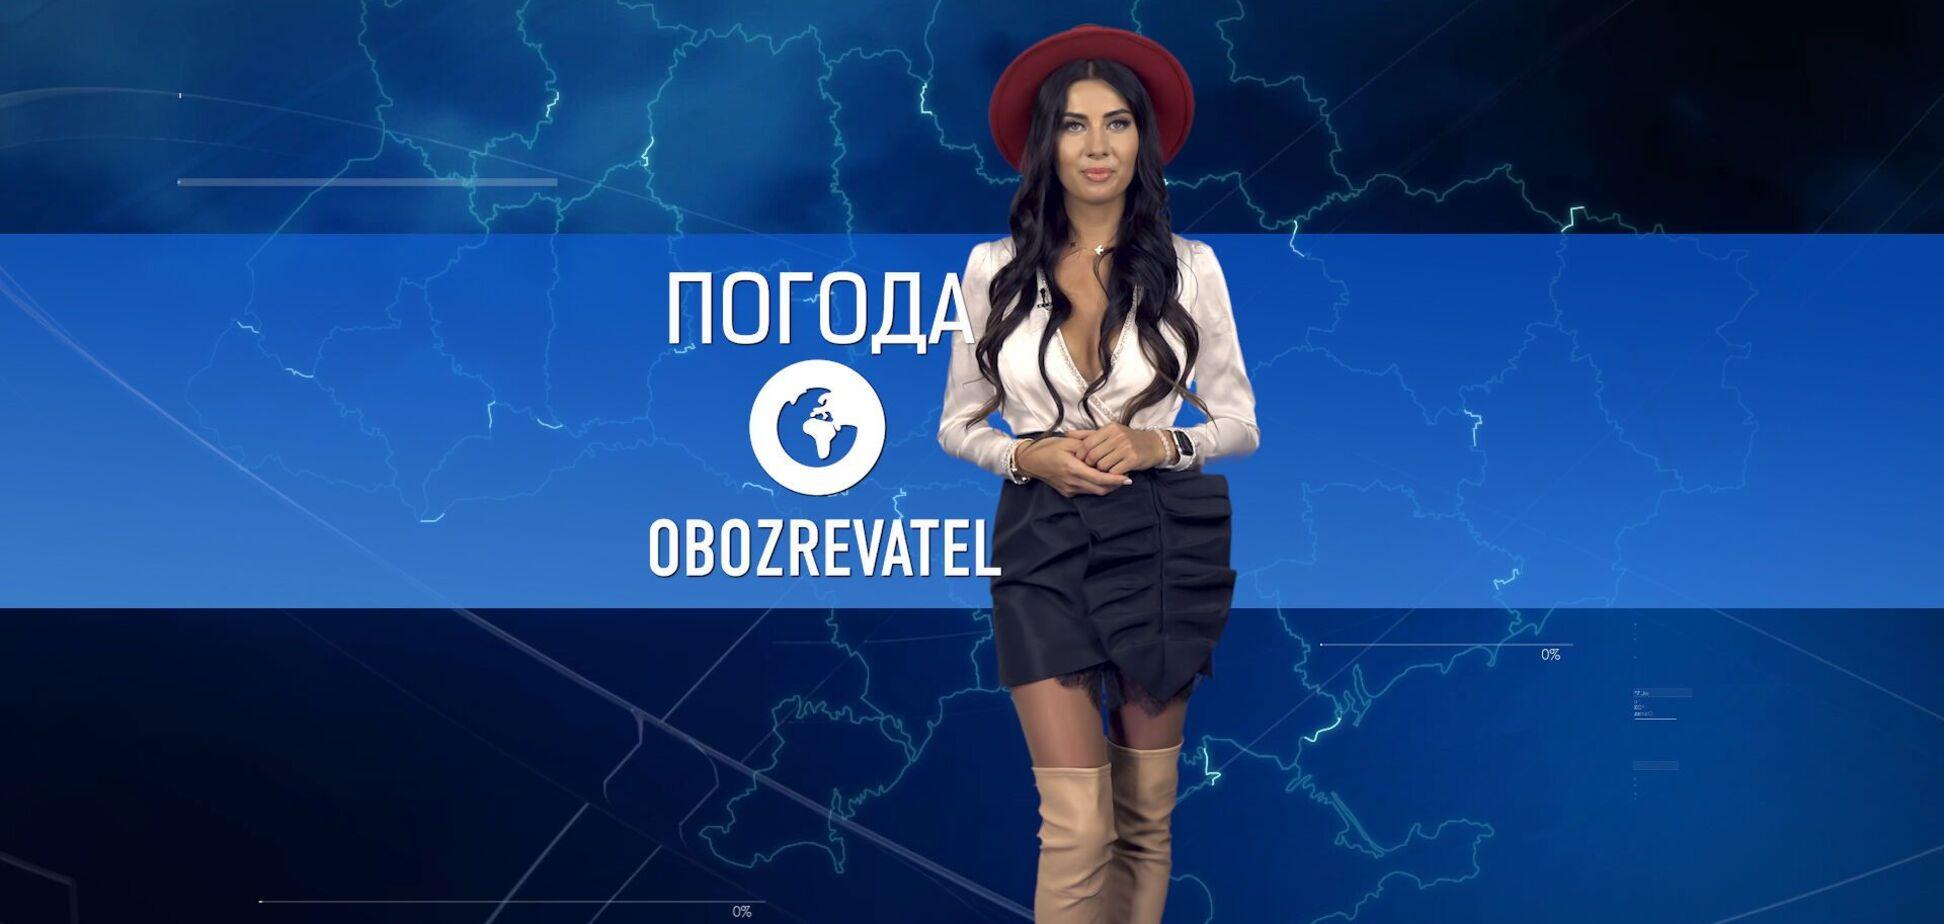 Прогноз погоди в Україні на суботу 2 січня, з Алісою Мярковською